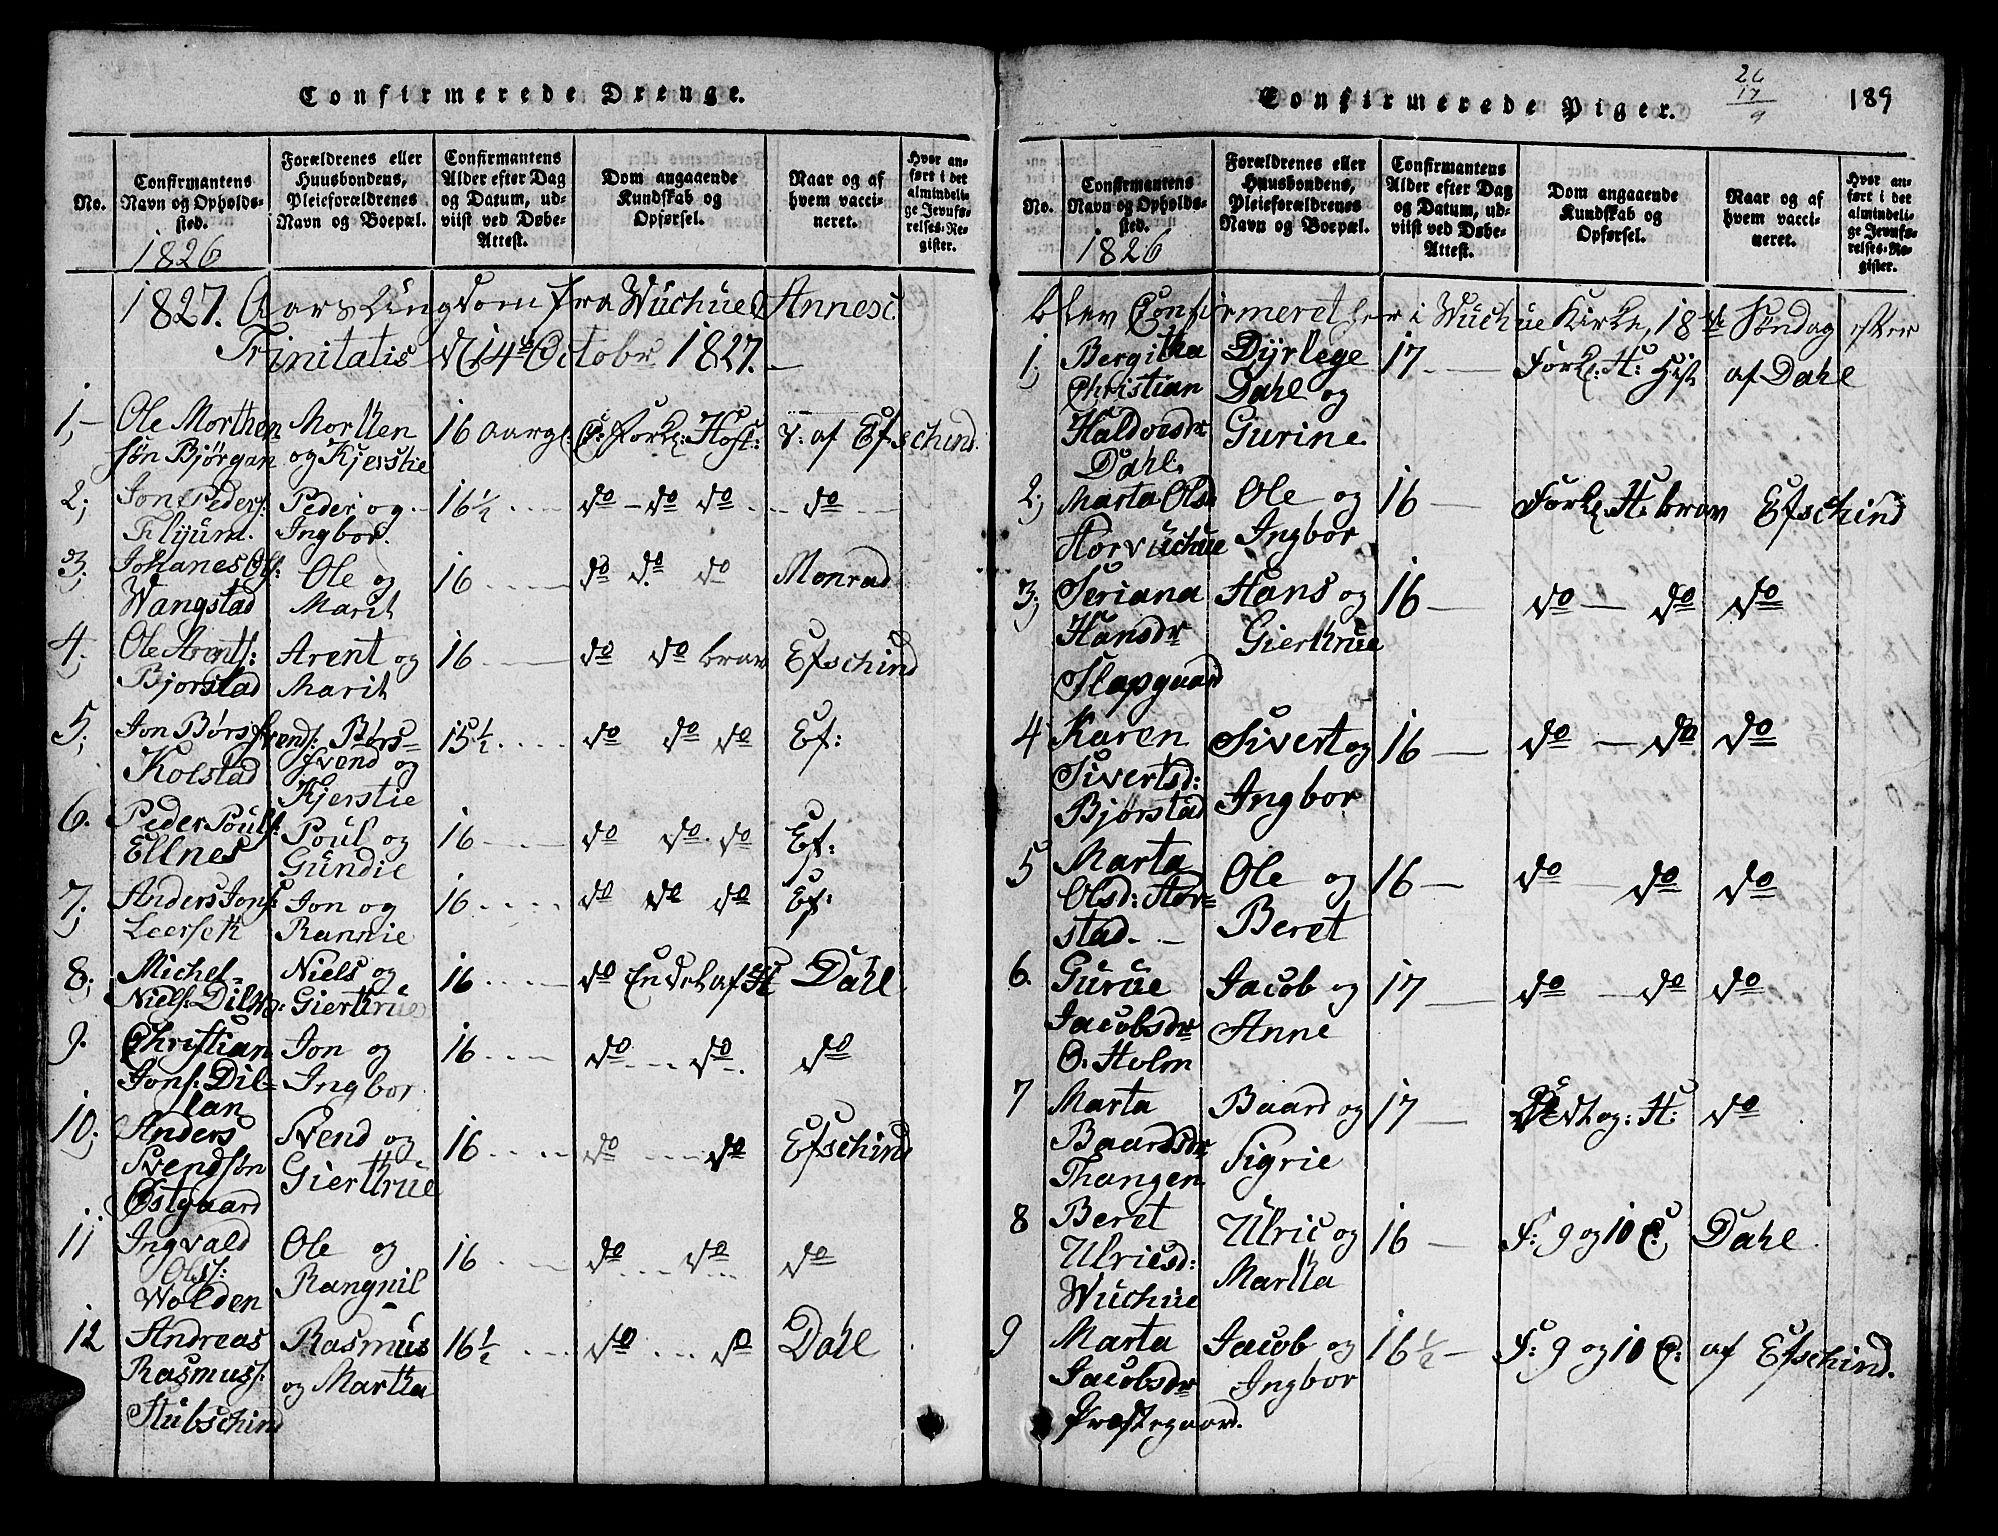 SAT, Ministerialprotokoller, klokkerbøker og fødselsregistre - Nord-Trøndelag, 724/L0265: Klokkerbok nr. 724C01, 1816-1845, s. 189